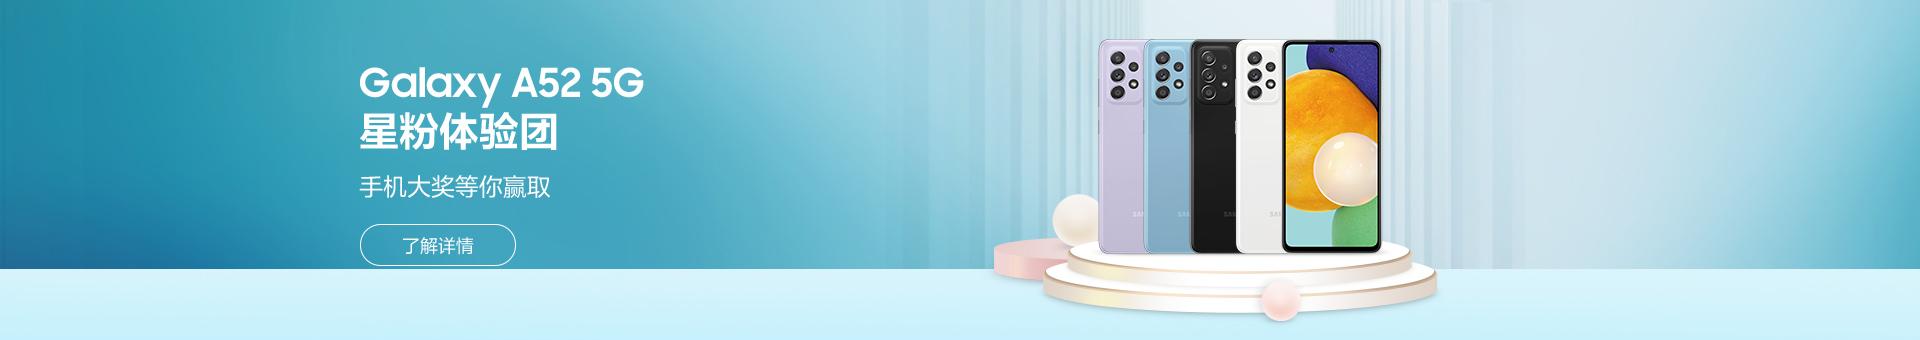 【星粉体验团】Galaxy A52 5G